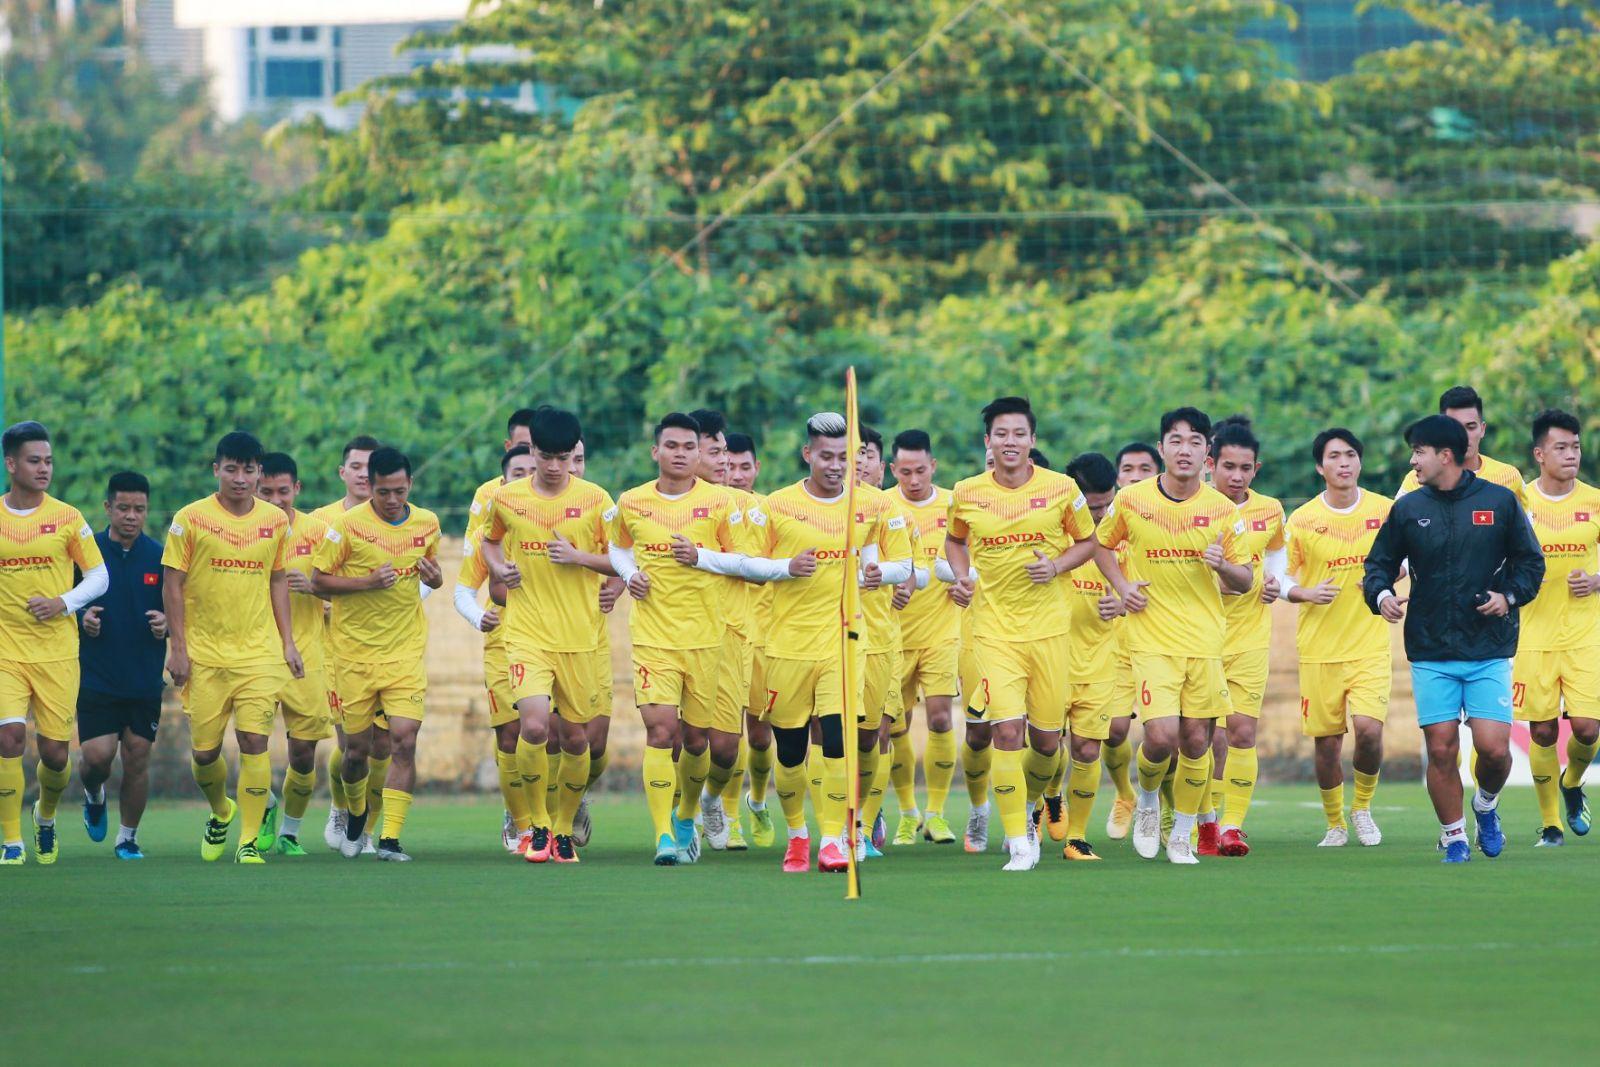 dt-viet-nam-can-bao-nhieu-diem-de-duoc-di-tiep-tai-vl3-world-cup